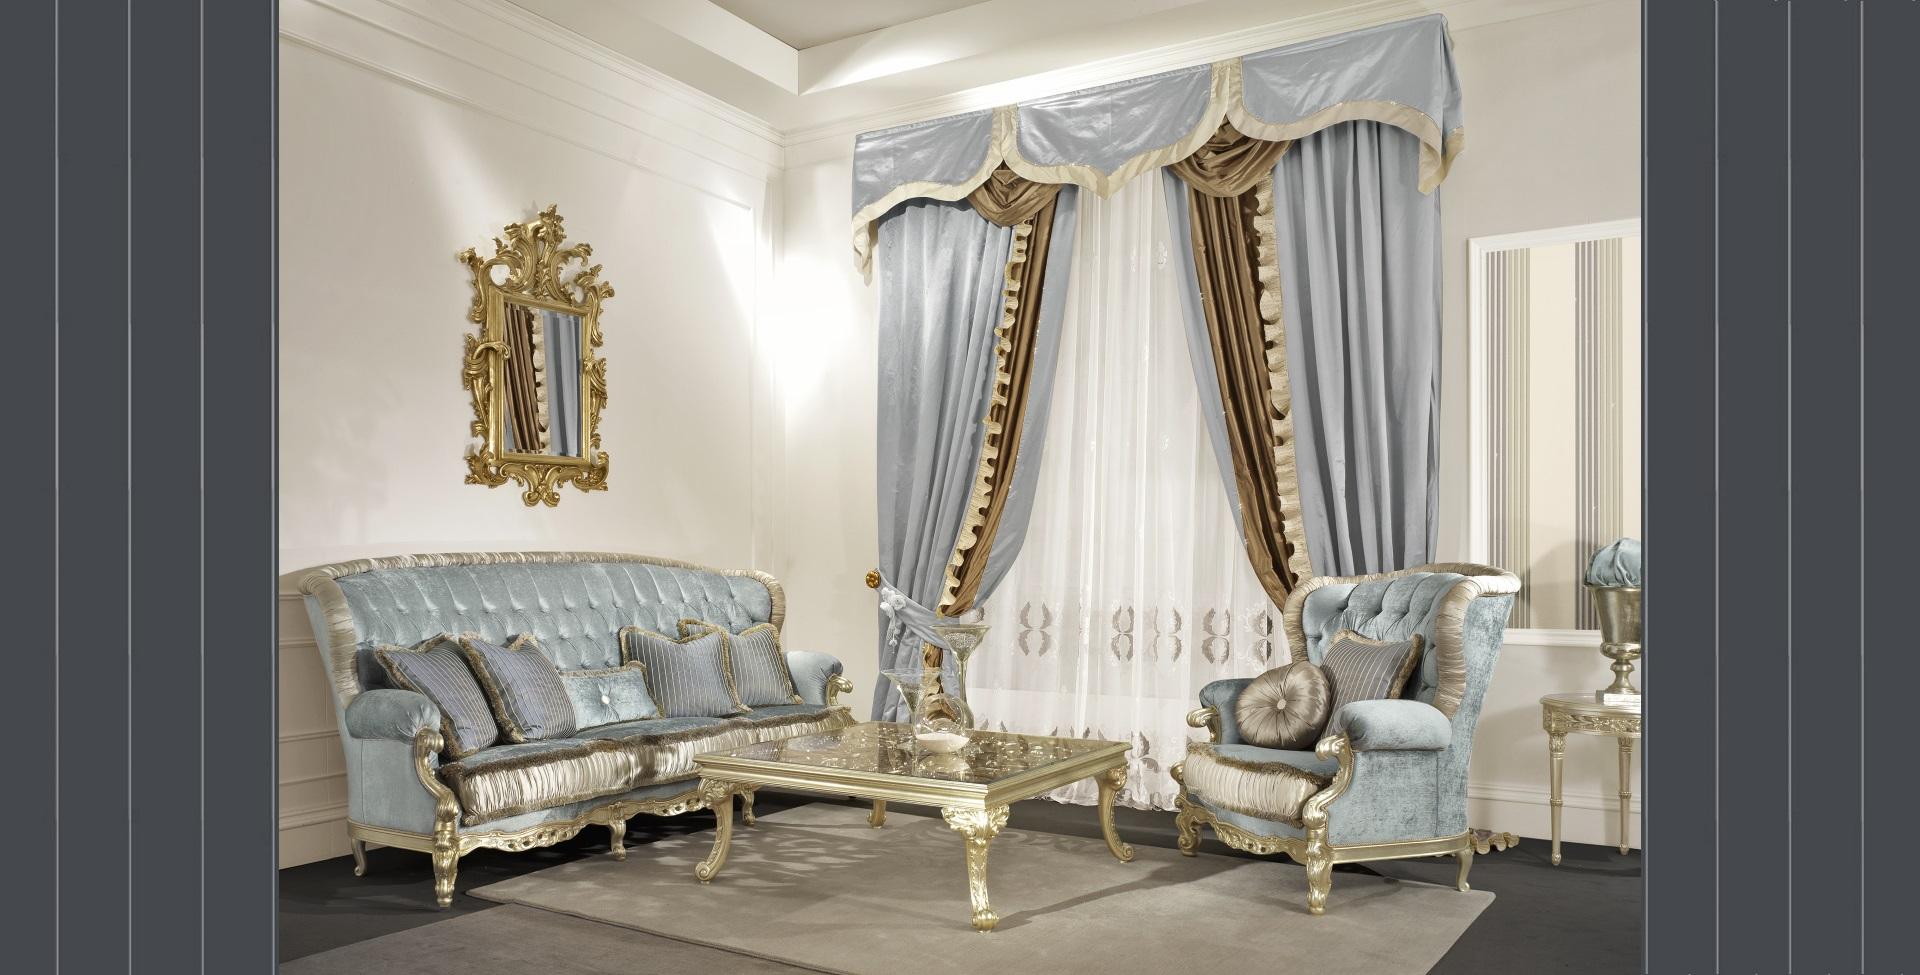 Divani classici in stile il miglior design di for Divani classici in stile